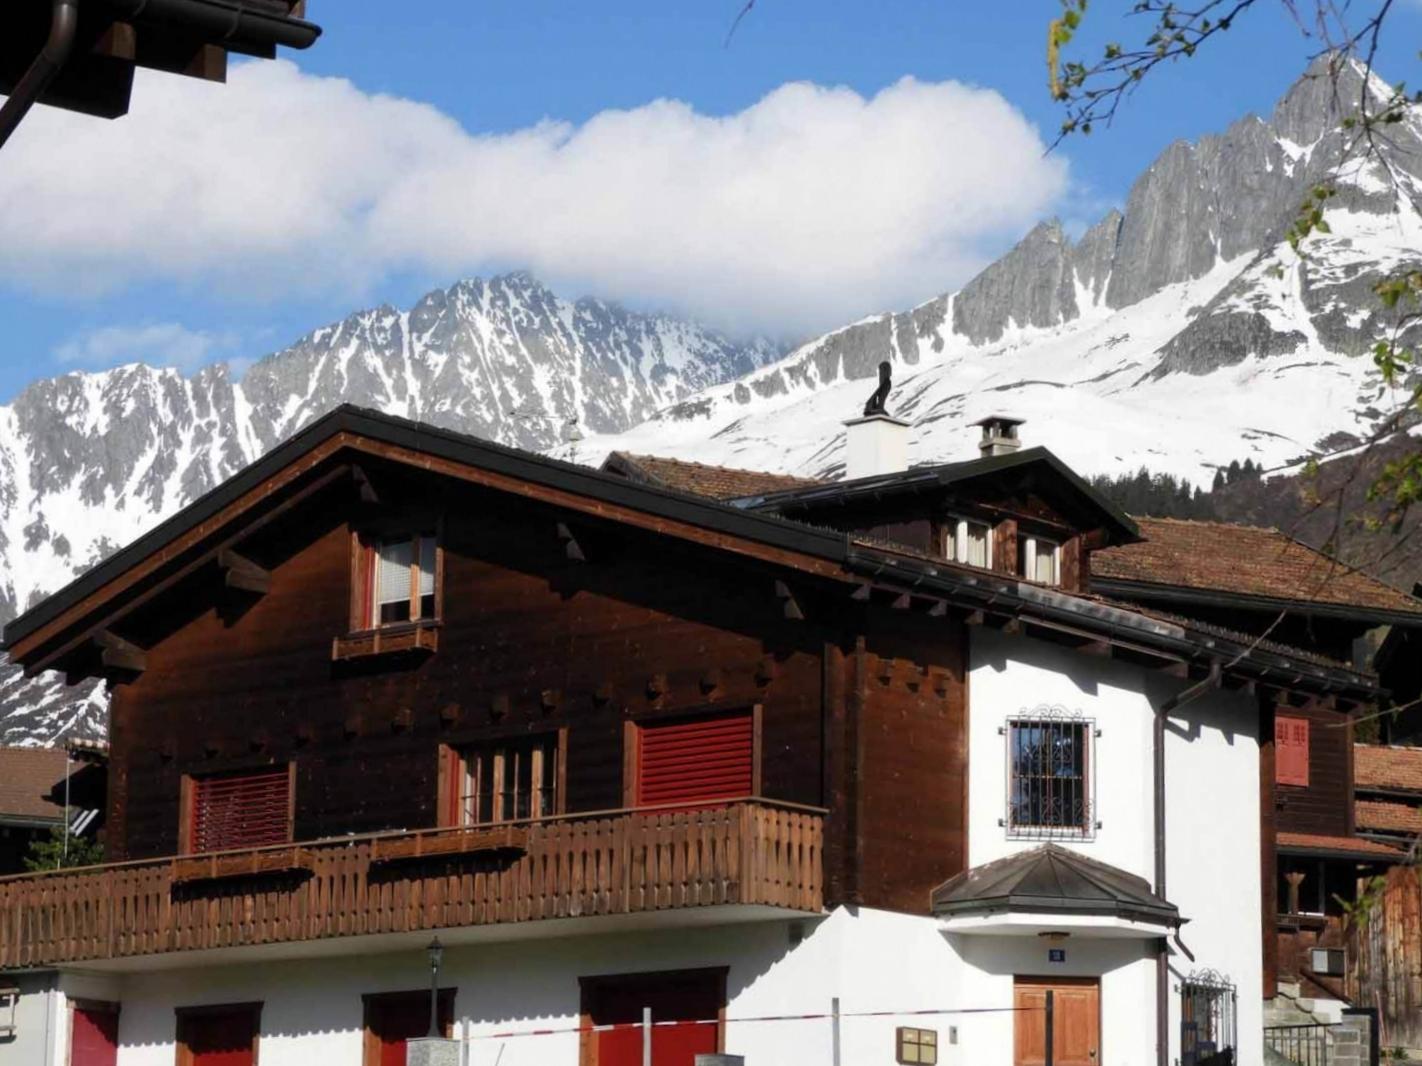 switzerland-oberalppass-vorderrhein-river-valley-snow-alps.JPG